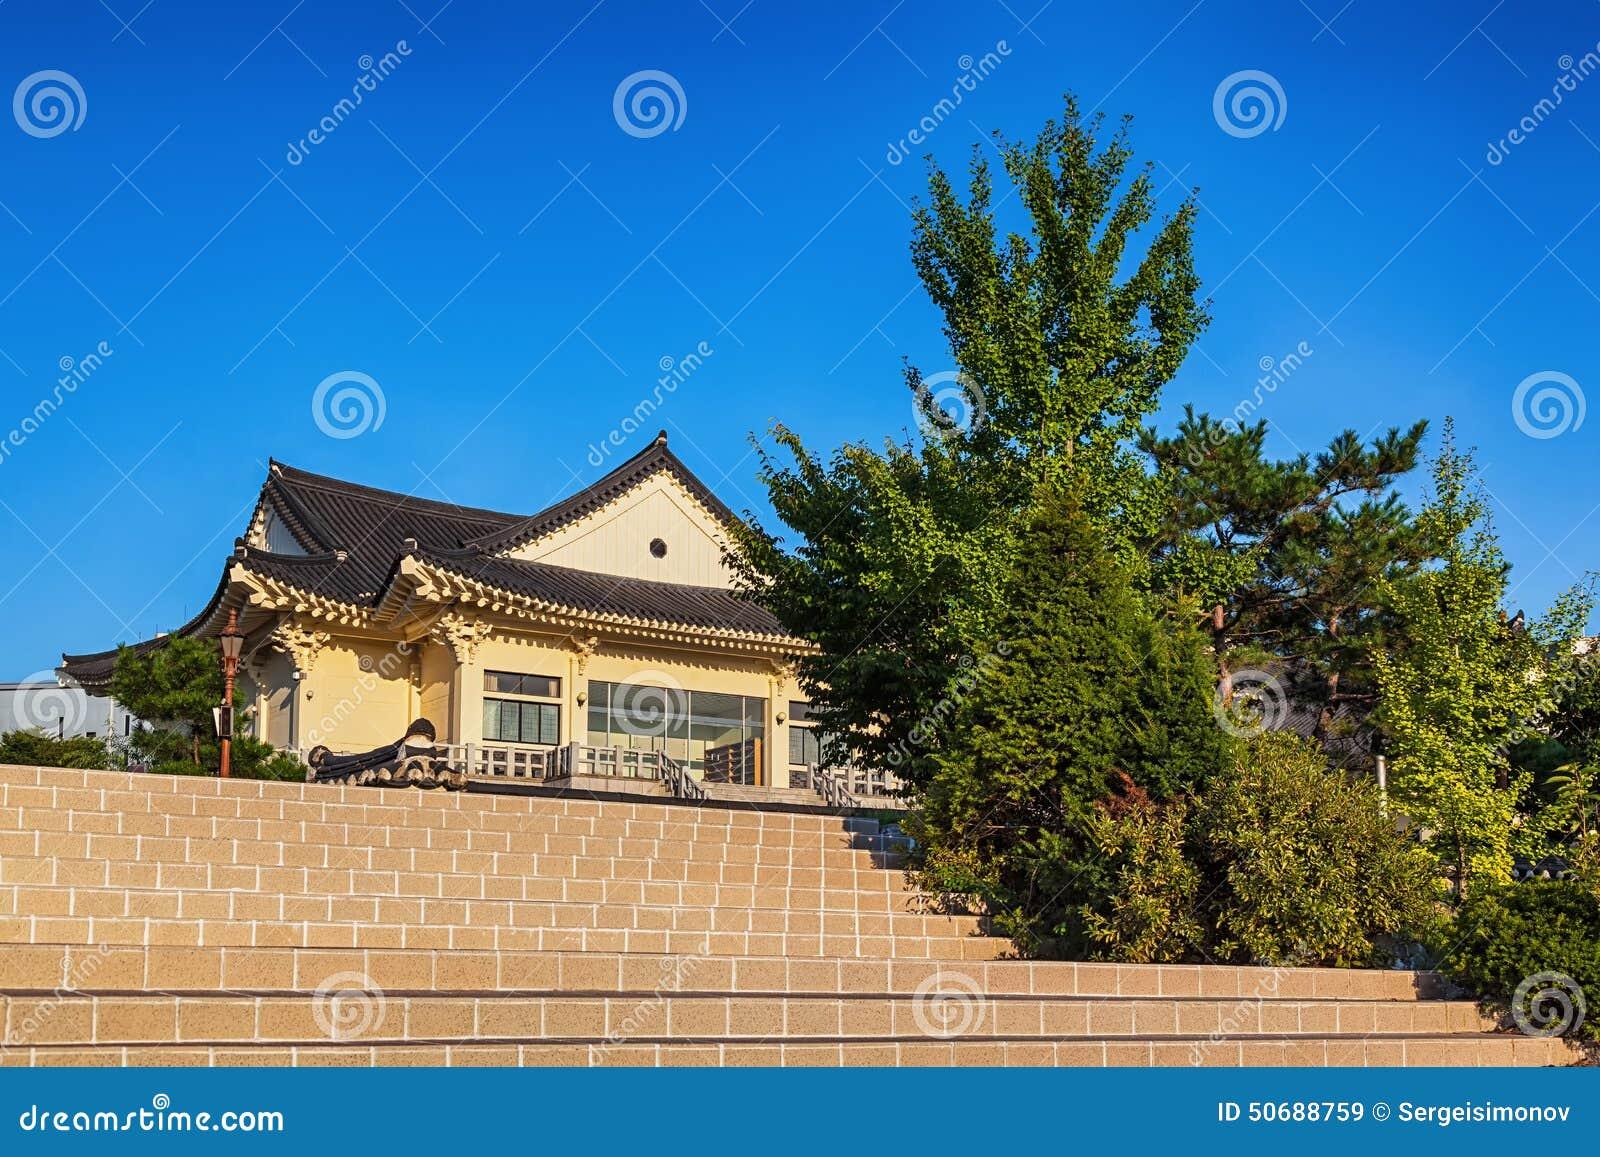 Download 传统建筑学老大厦或寺庙在韩国 库存图片. 图片 包括有 布琼布拉, 寺庙, 韩文, 拱道, 城市, 传统 - 50688759